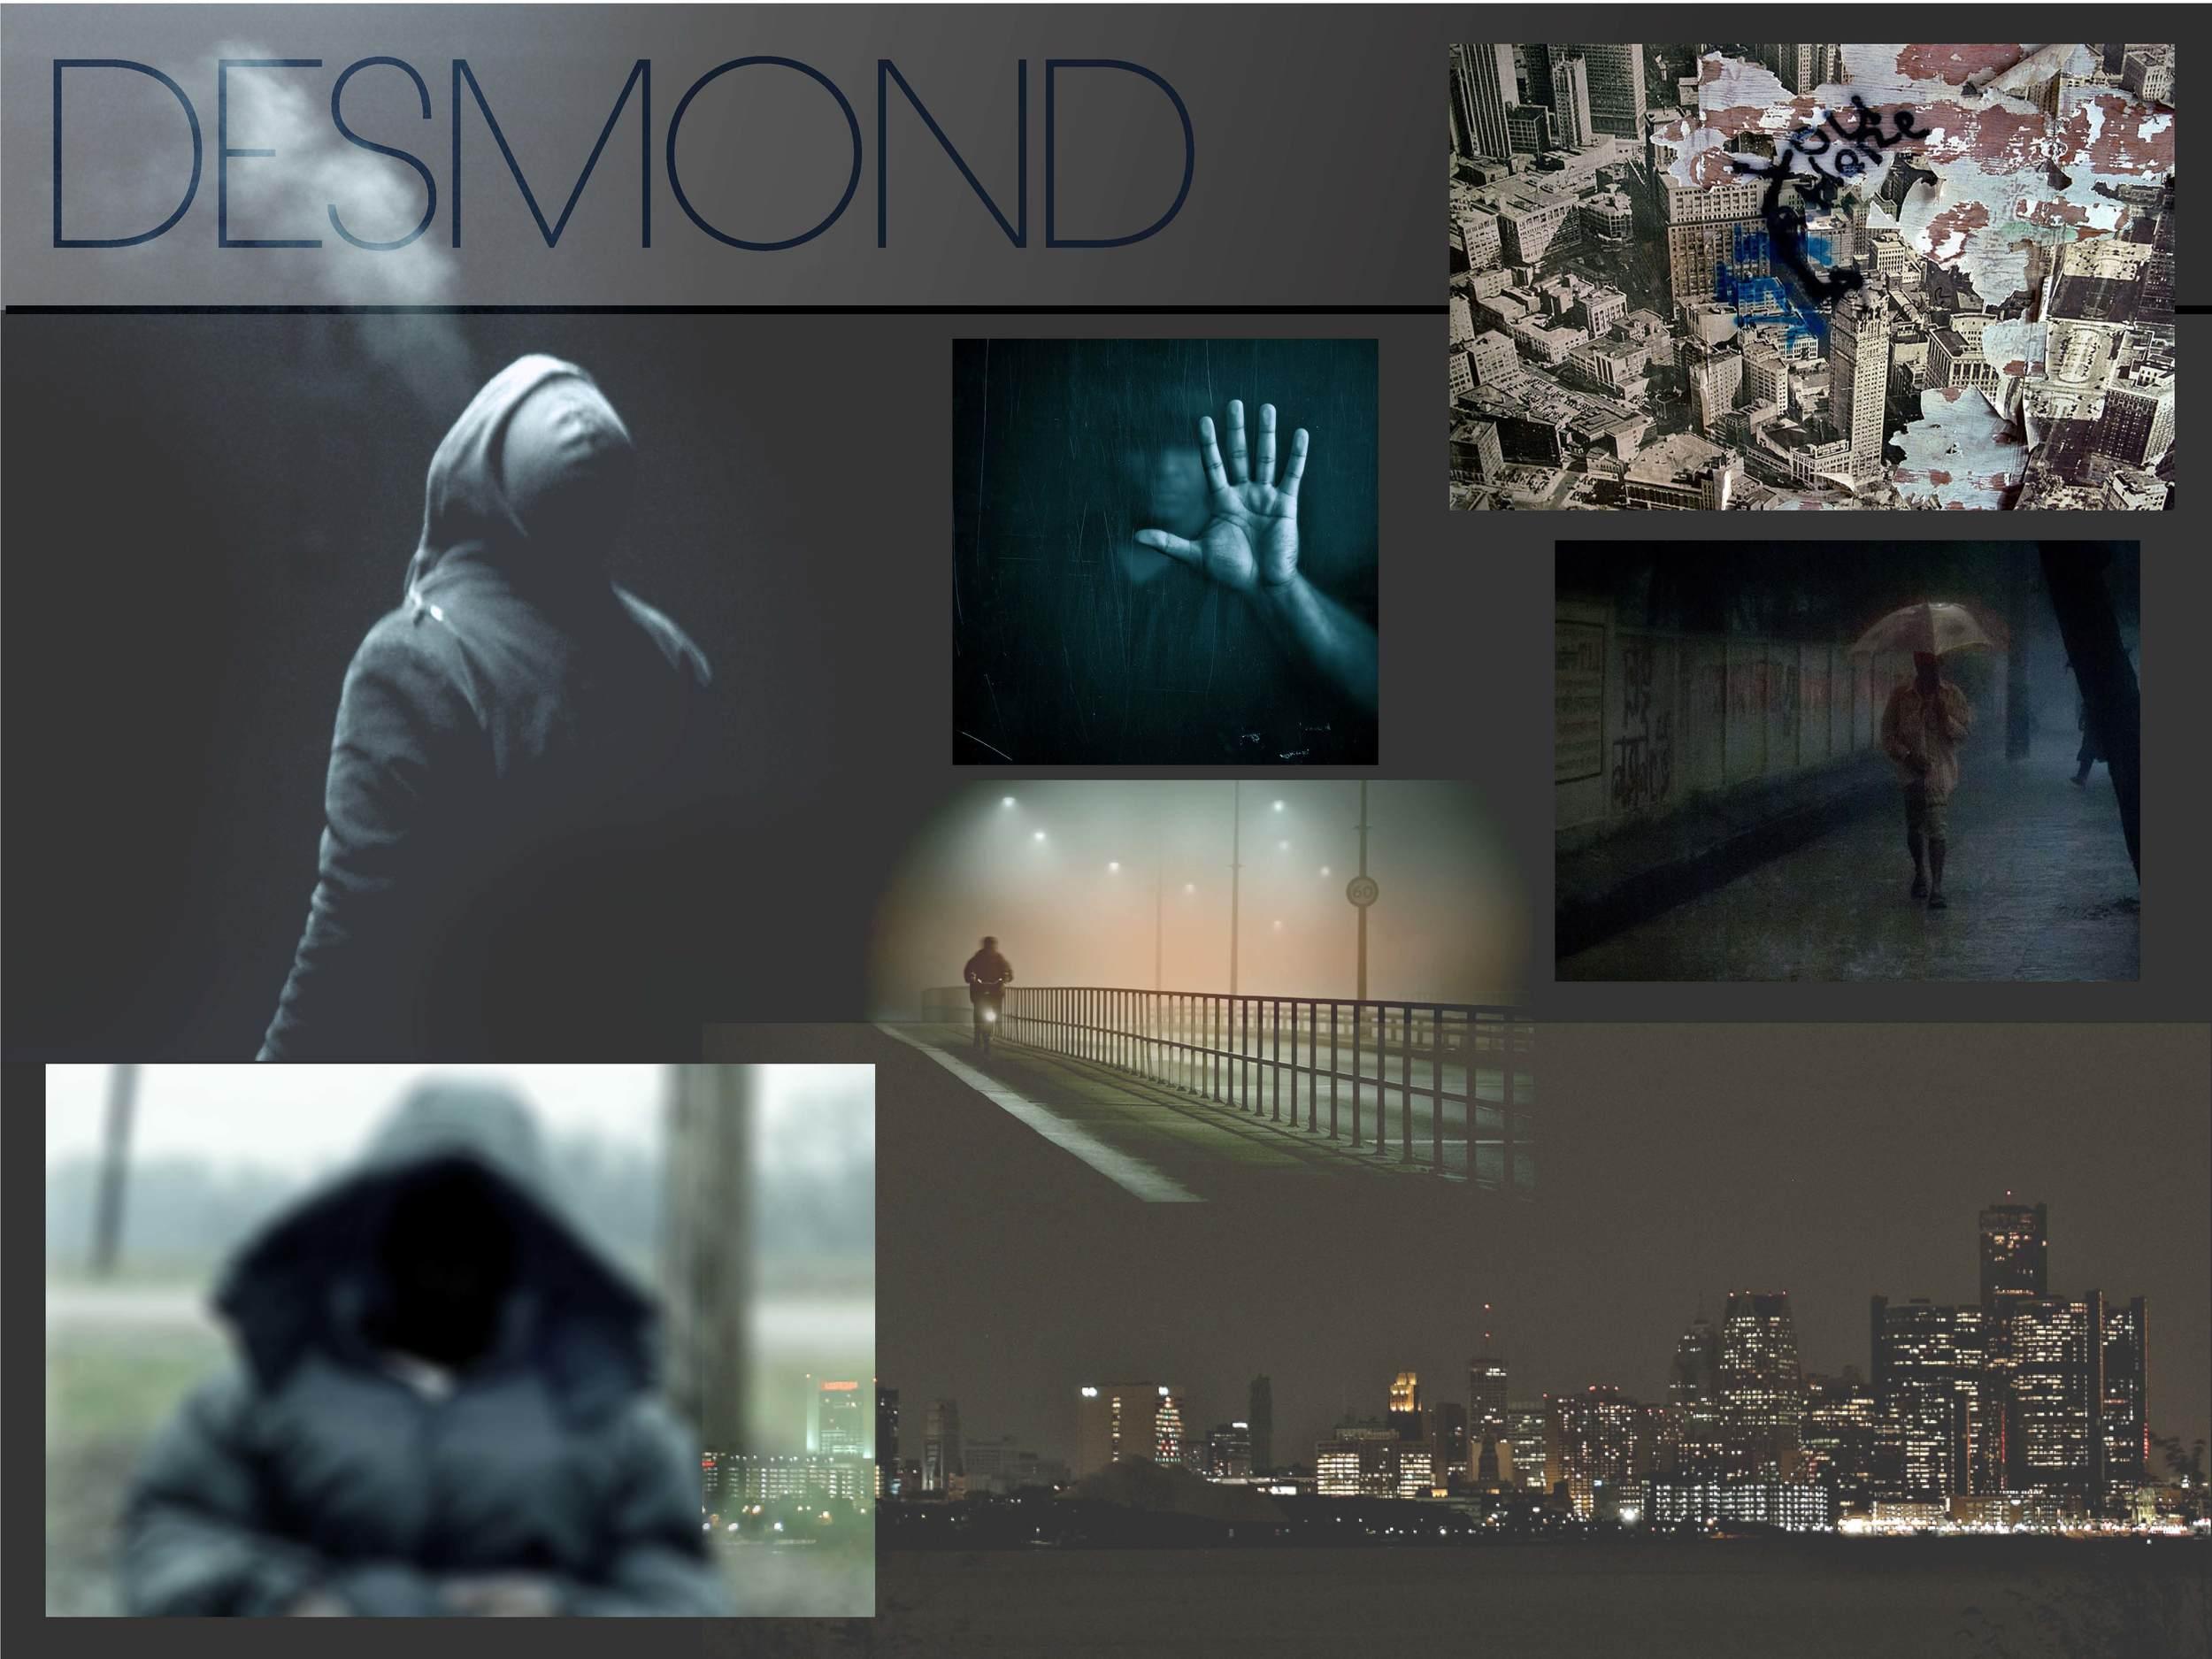 Desmond 02.jpg